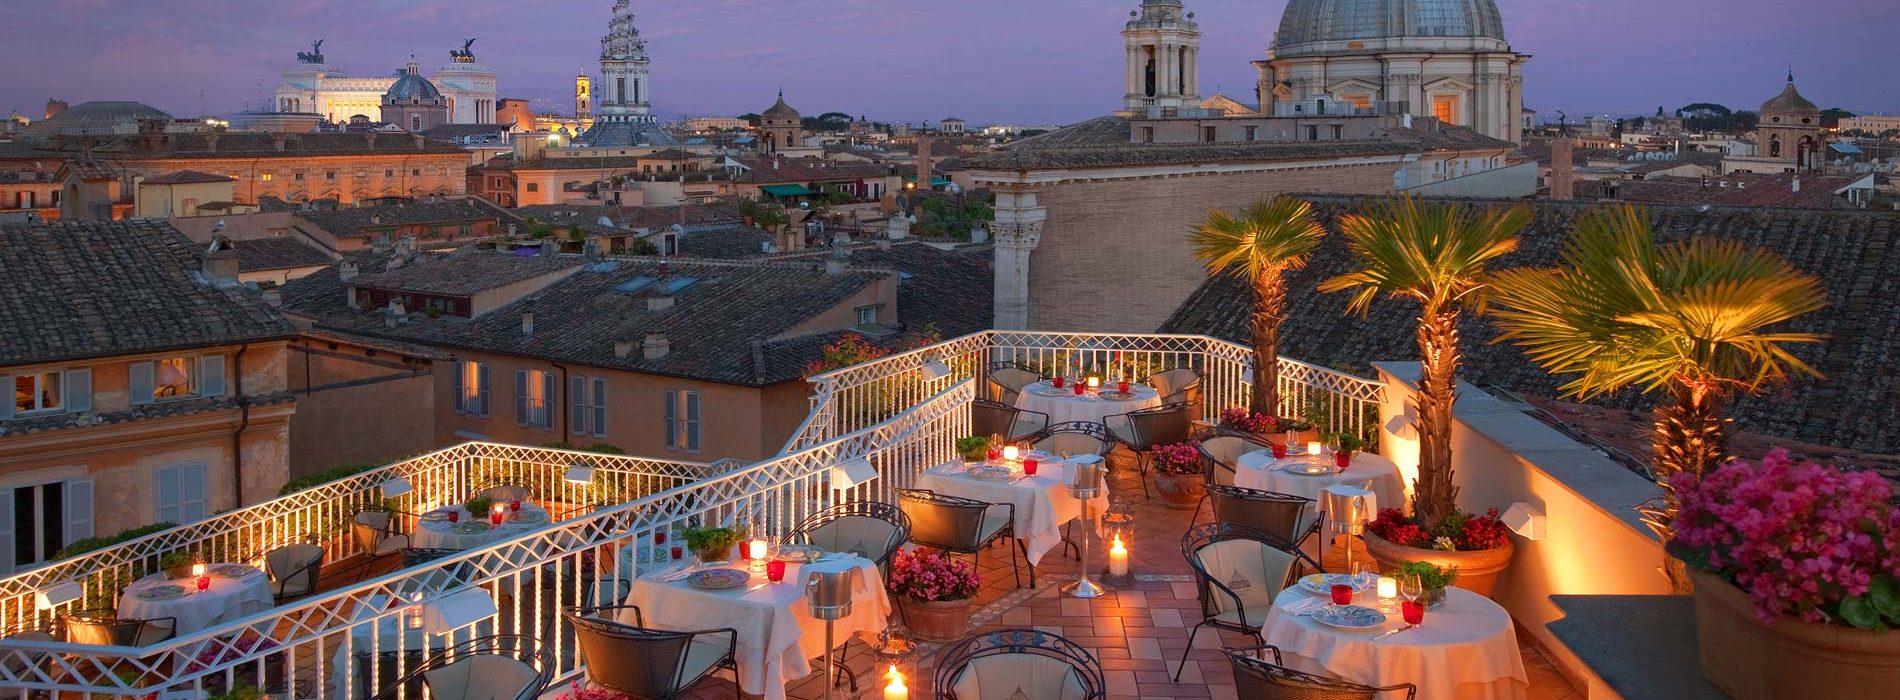 I migliori rooftop di Roma terrazze panoramiche in centro per mangiare e bere allaperto